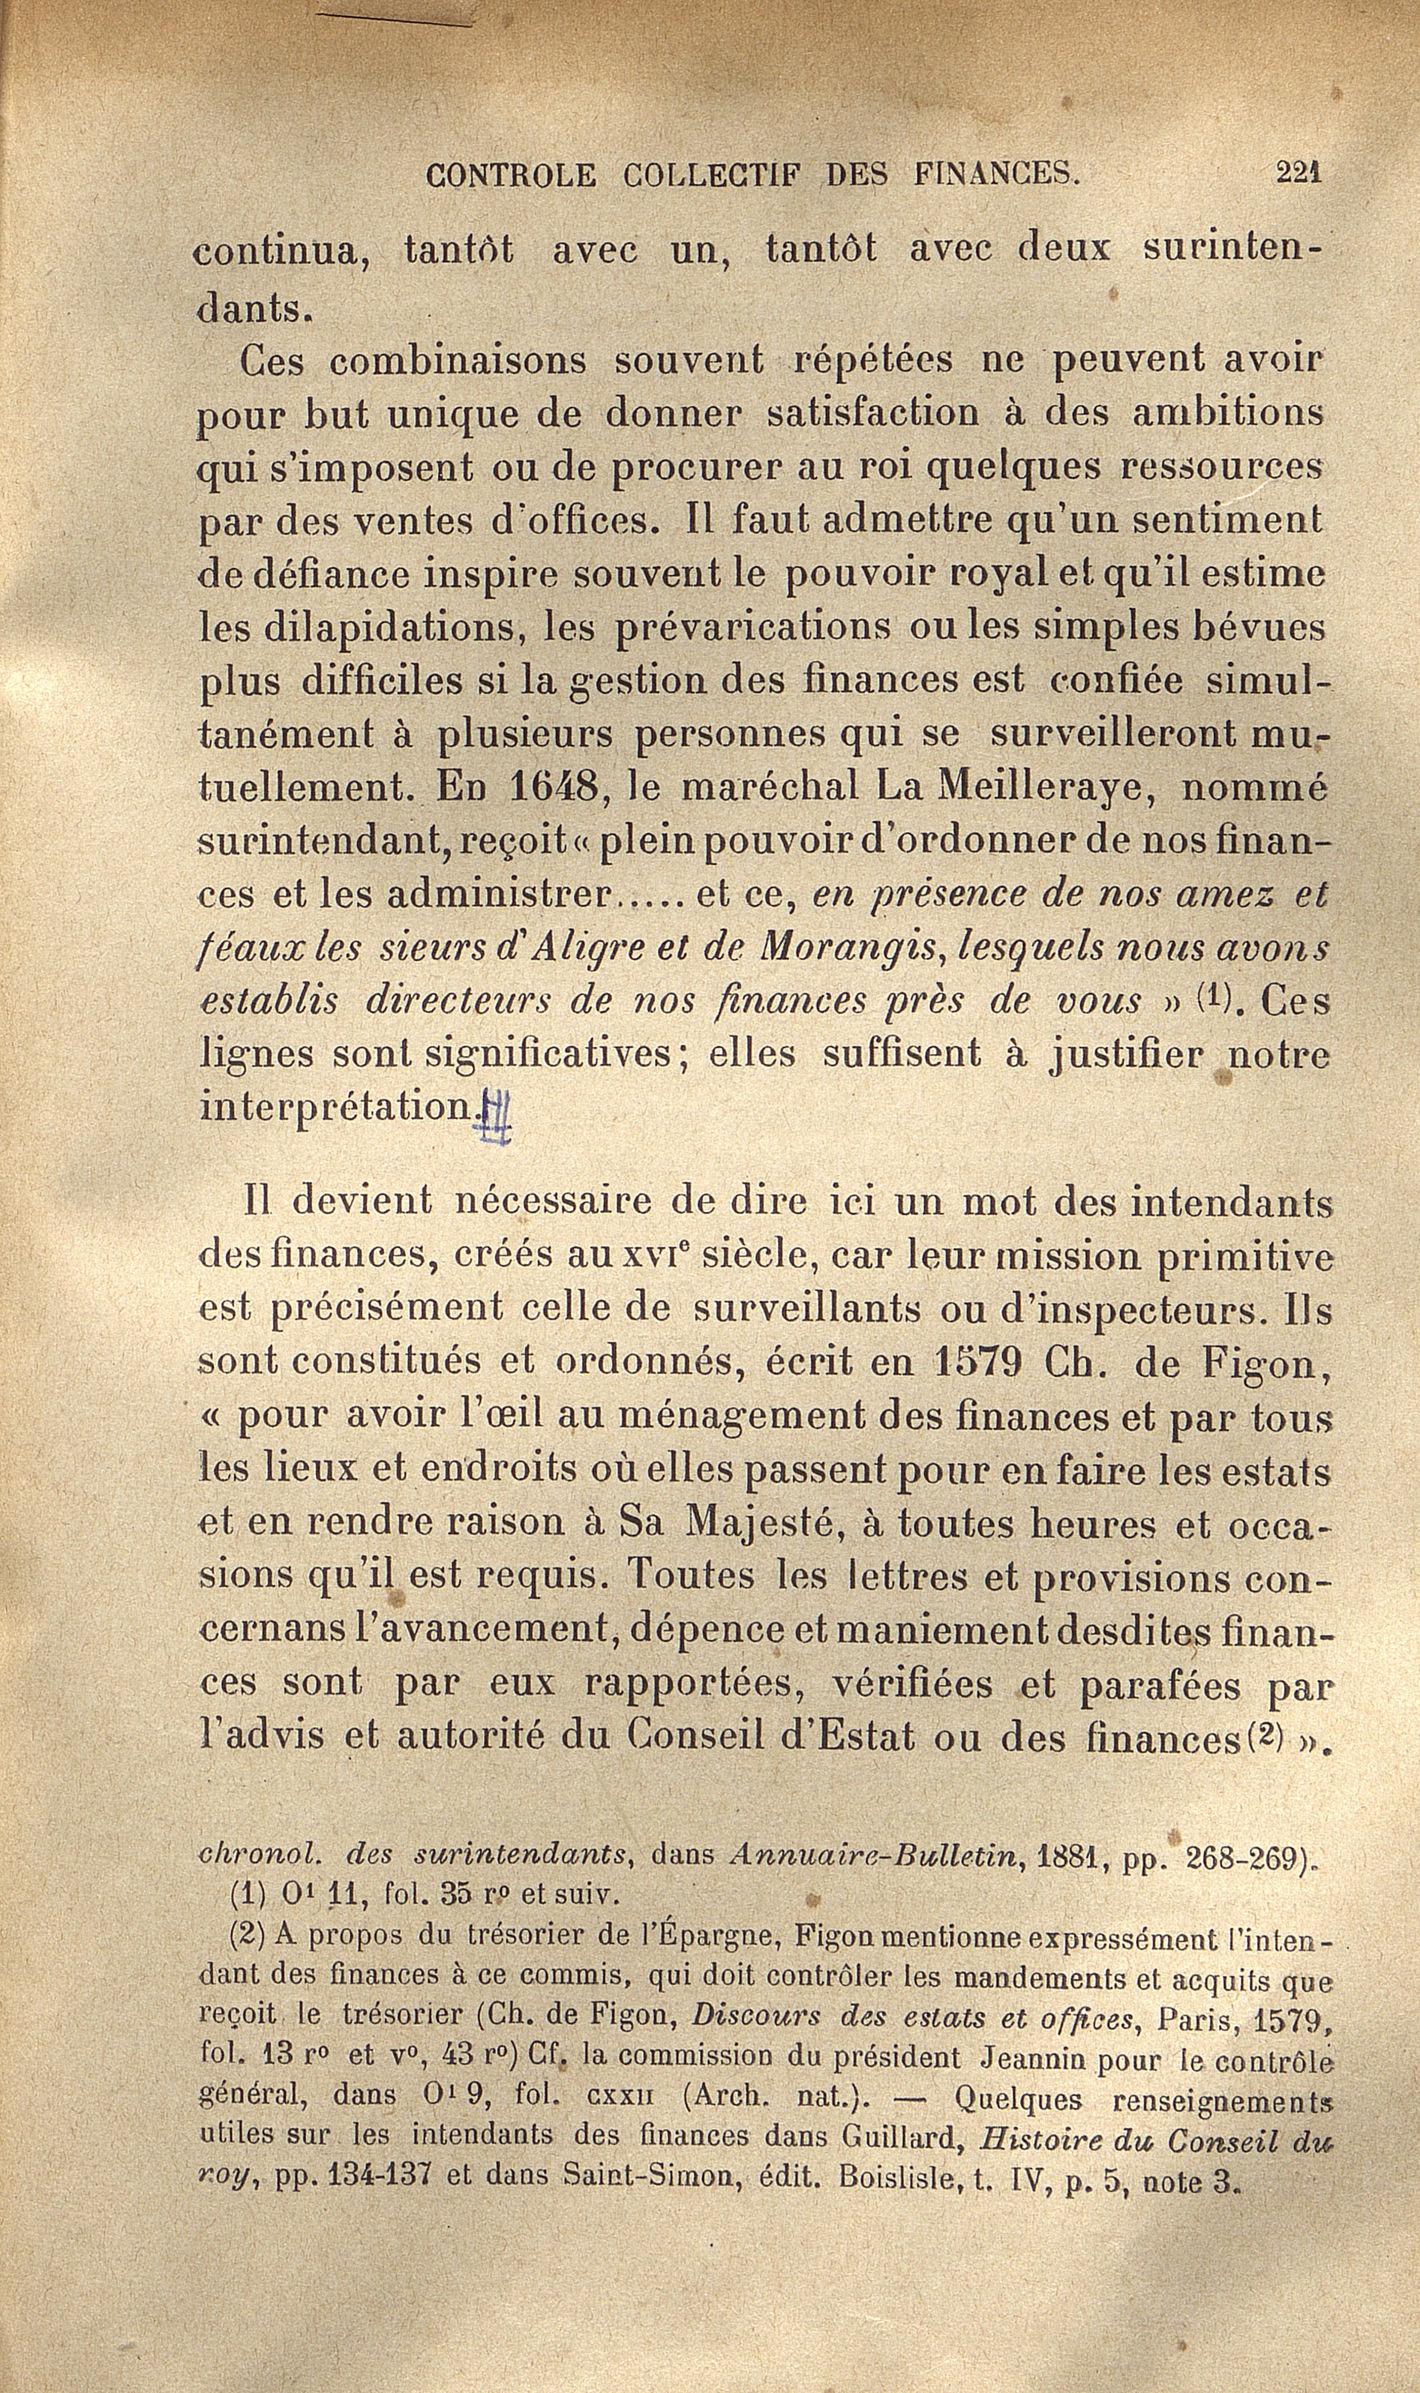 http://expo-paulviollet.univ-paris1.fr/wp-content/uploads/2016/02/0605381272_0235.jpg